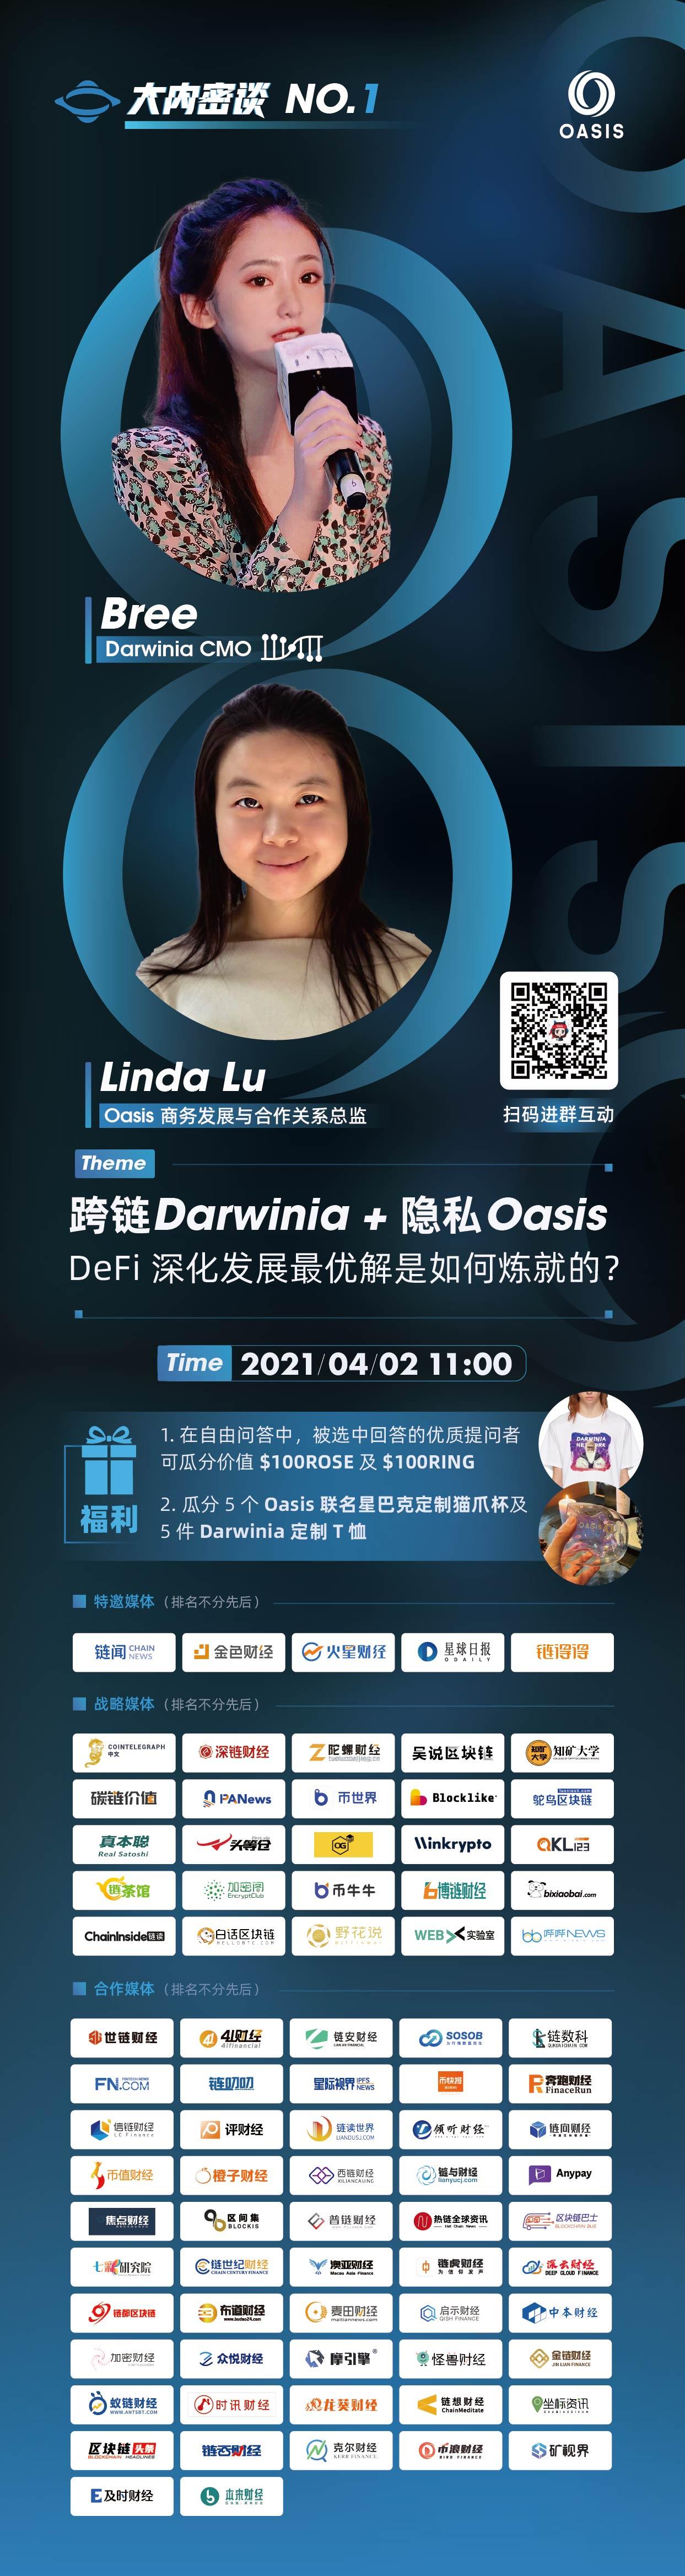 跨链Darwinia+隐私Oasis:DeFi深化发展最优解是如何练就的?